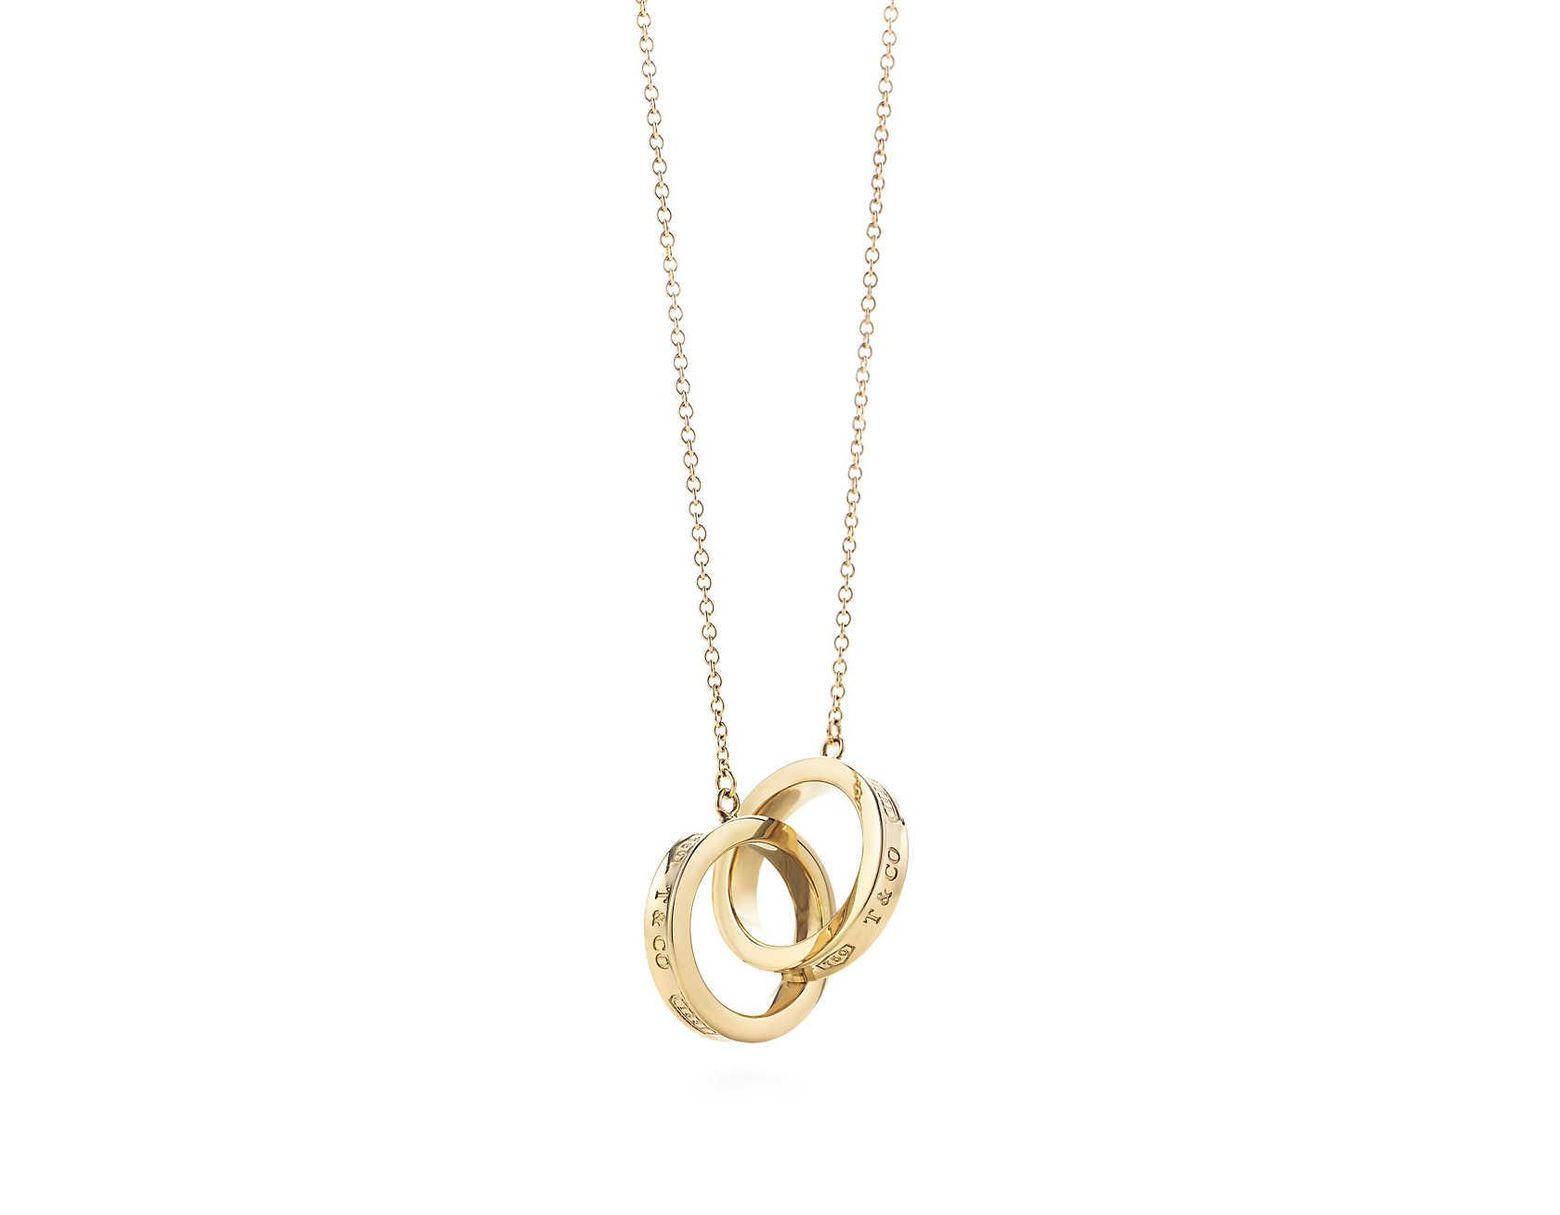 2b271c464 Tiffany & Co. Interlocking Circles Pendant in Metallic - Lyst